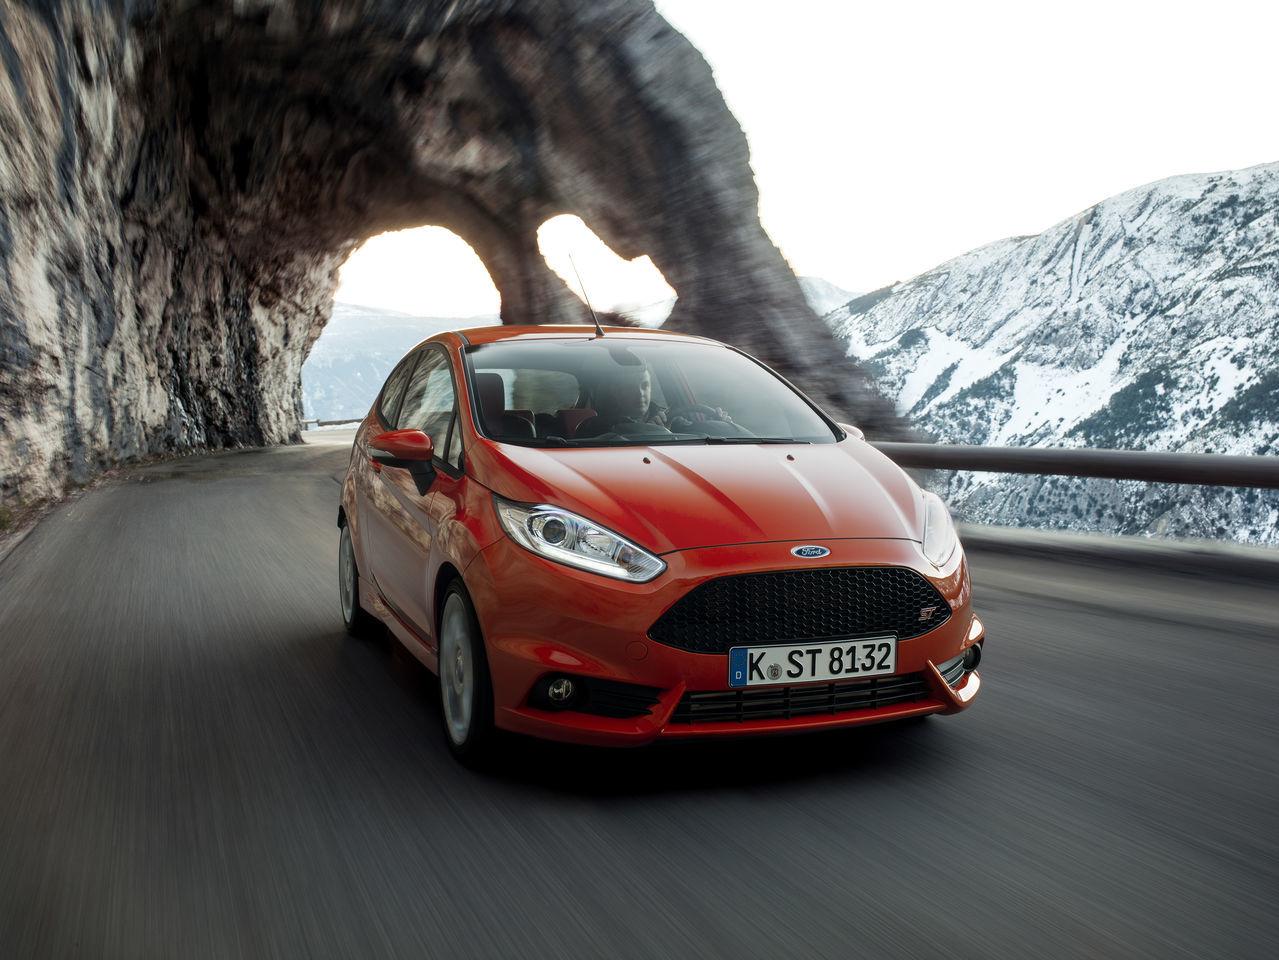 Foto de Ford Fiesta ST 2013 en Francia (3/50)